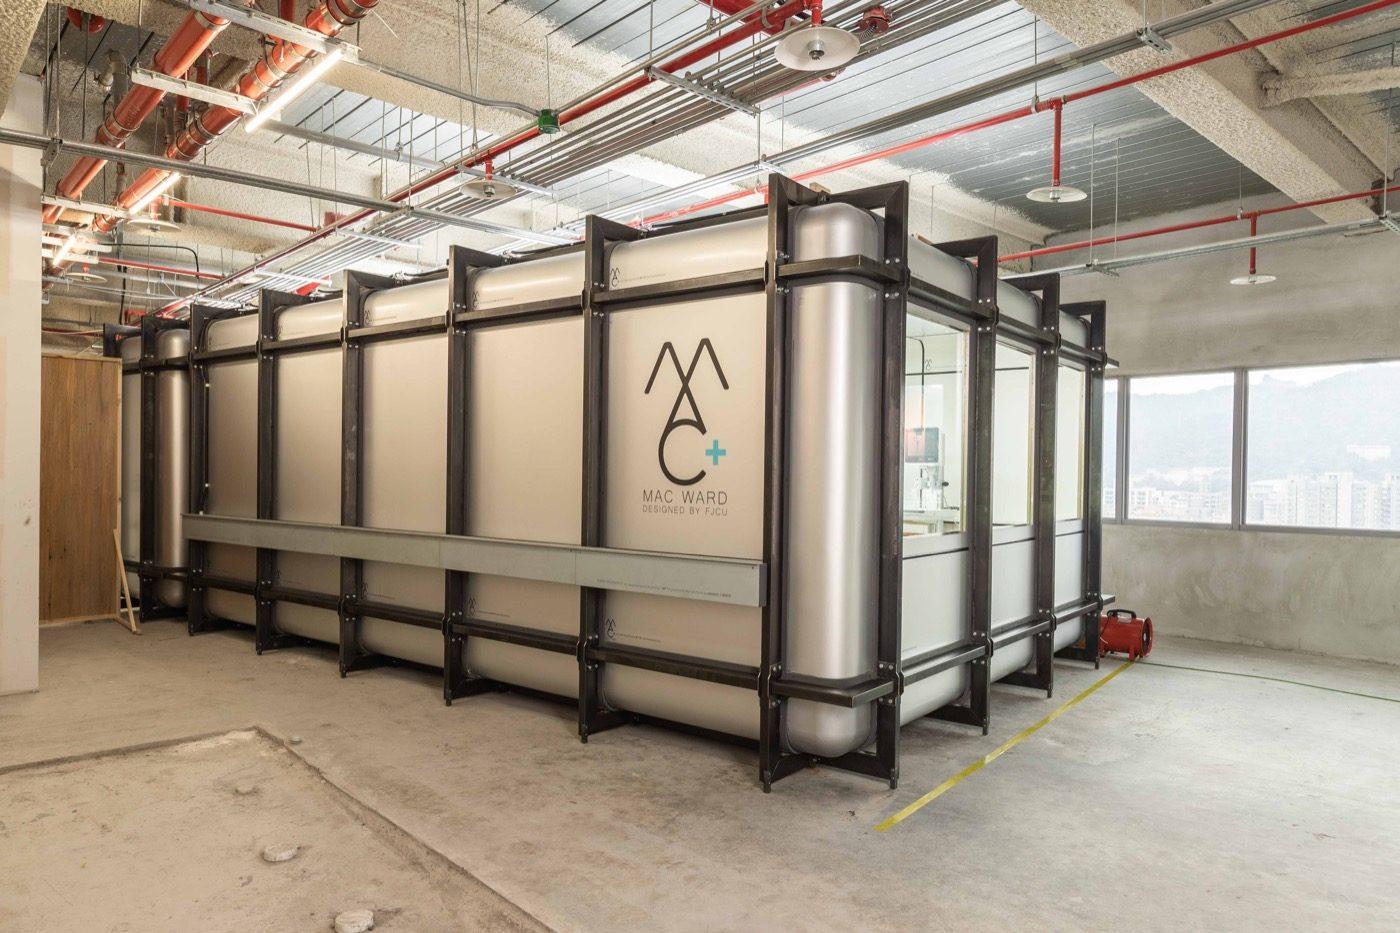 MAC Ward 以「回收鋁」為主要建材,不僅利用它質量較輕的特性,也考量到鋁材質表面易做多種處理(如光觸媒)。